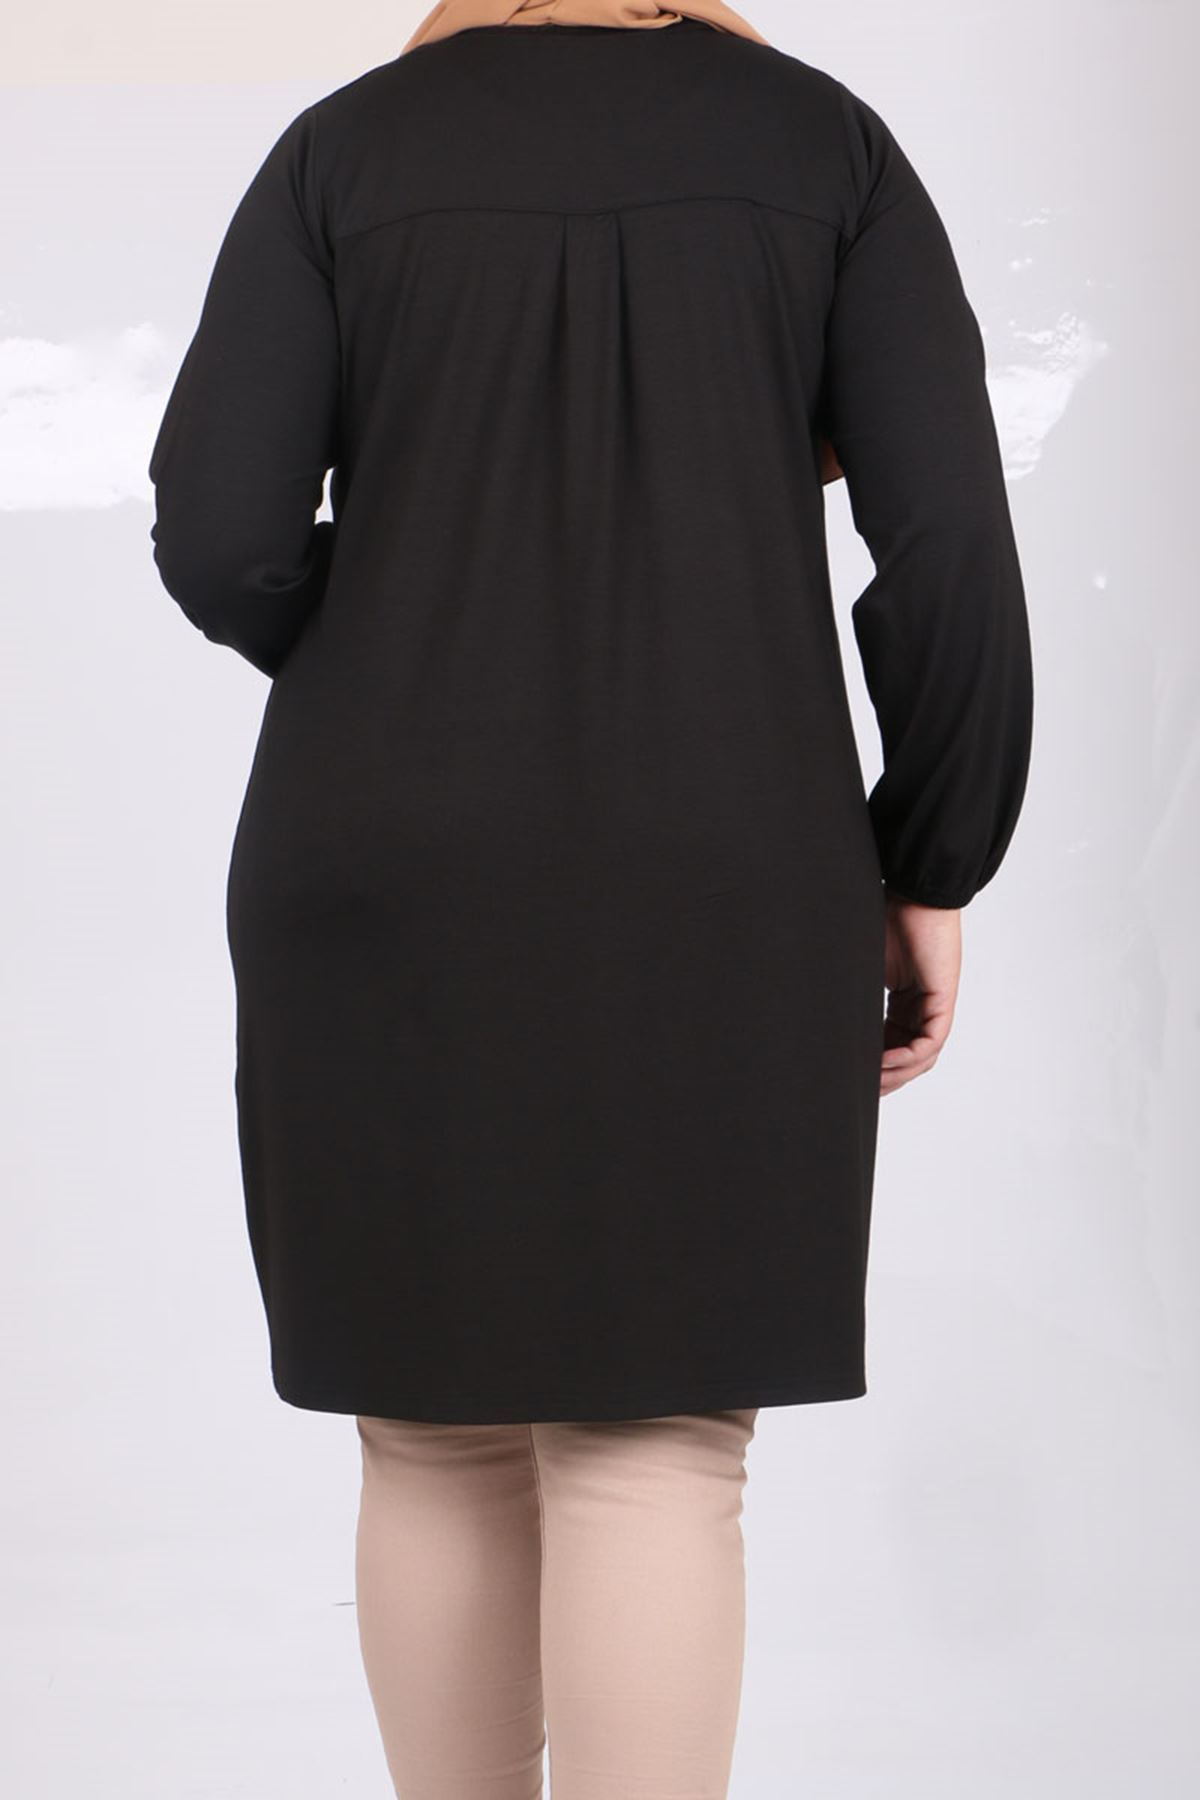 8252 Plus Size  Pocket Detailed Tunic- Black